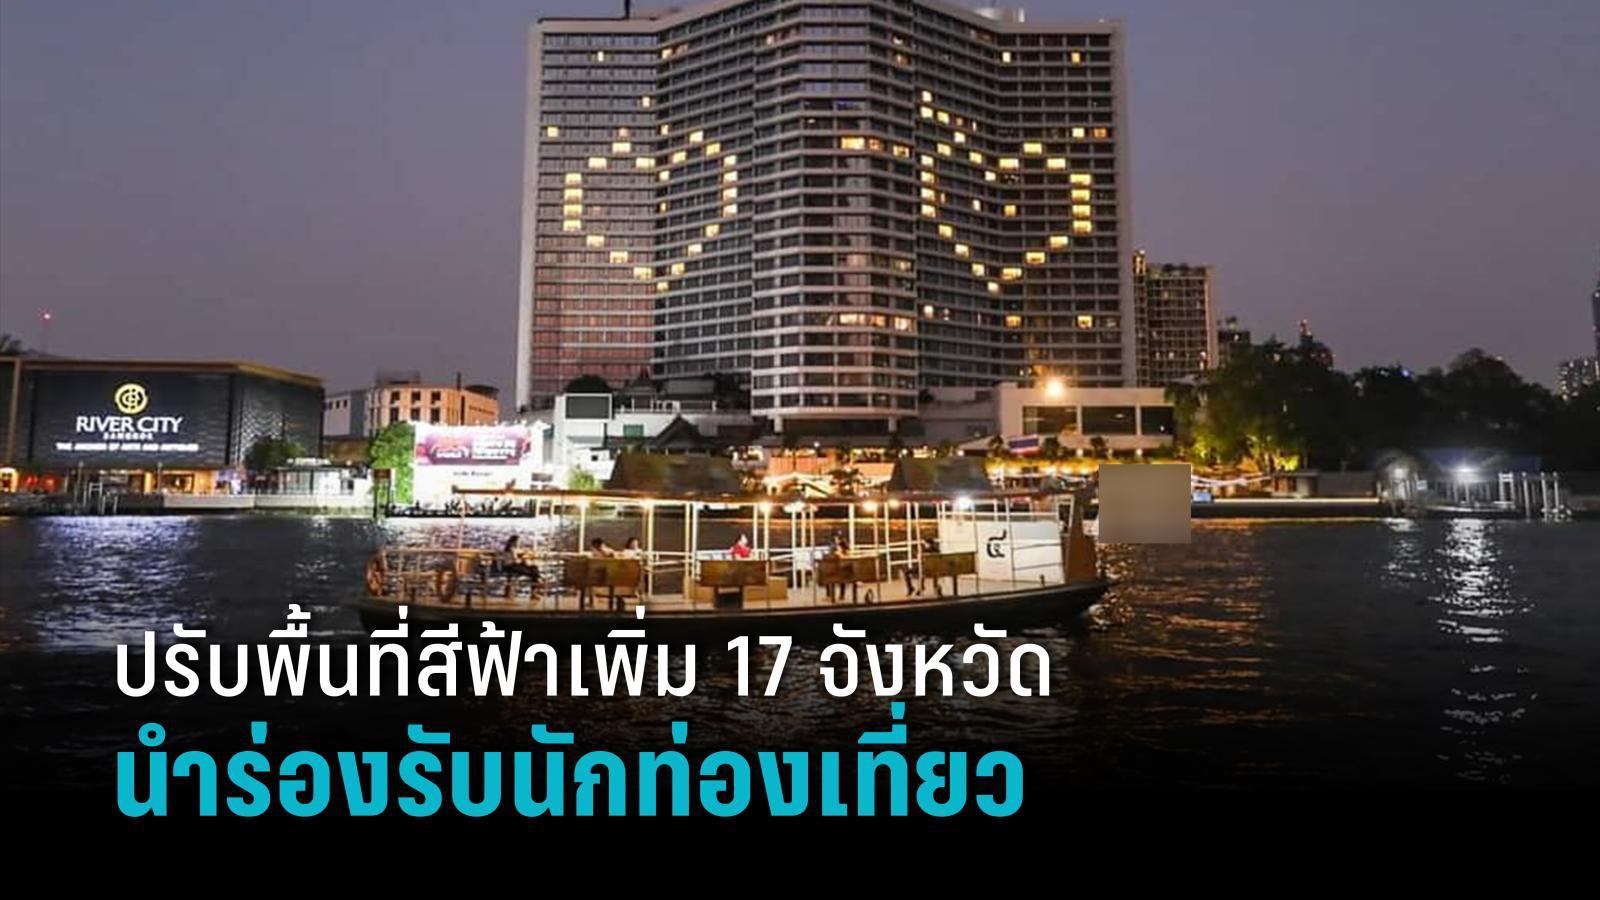 ไฟเขียวปรับพื้นที่สีฟ้าเพิ่ม 17 จังหวัดมีกทม.ด้วย เริ่ม 1 พ.ย. นำร่องรับนักท่องเที่ยวเข้าไทย